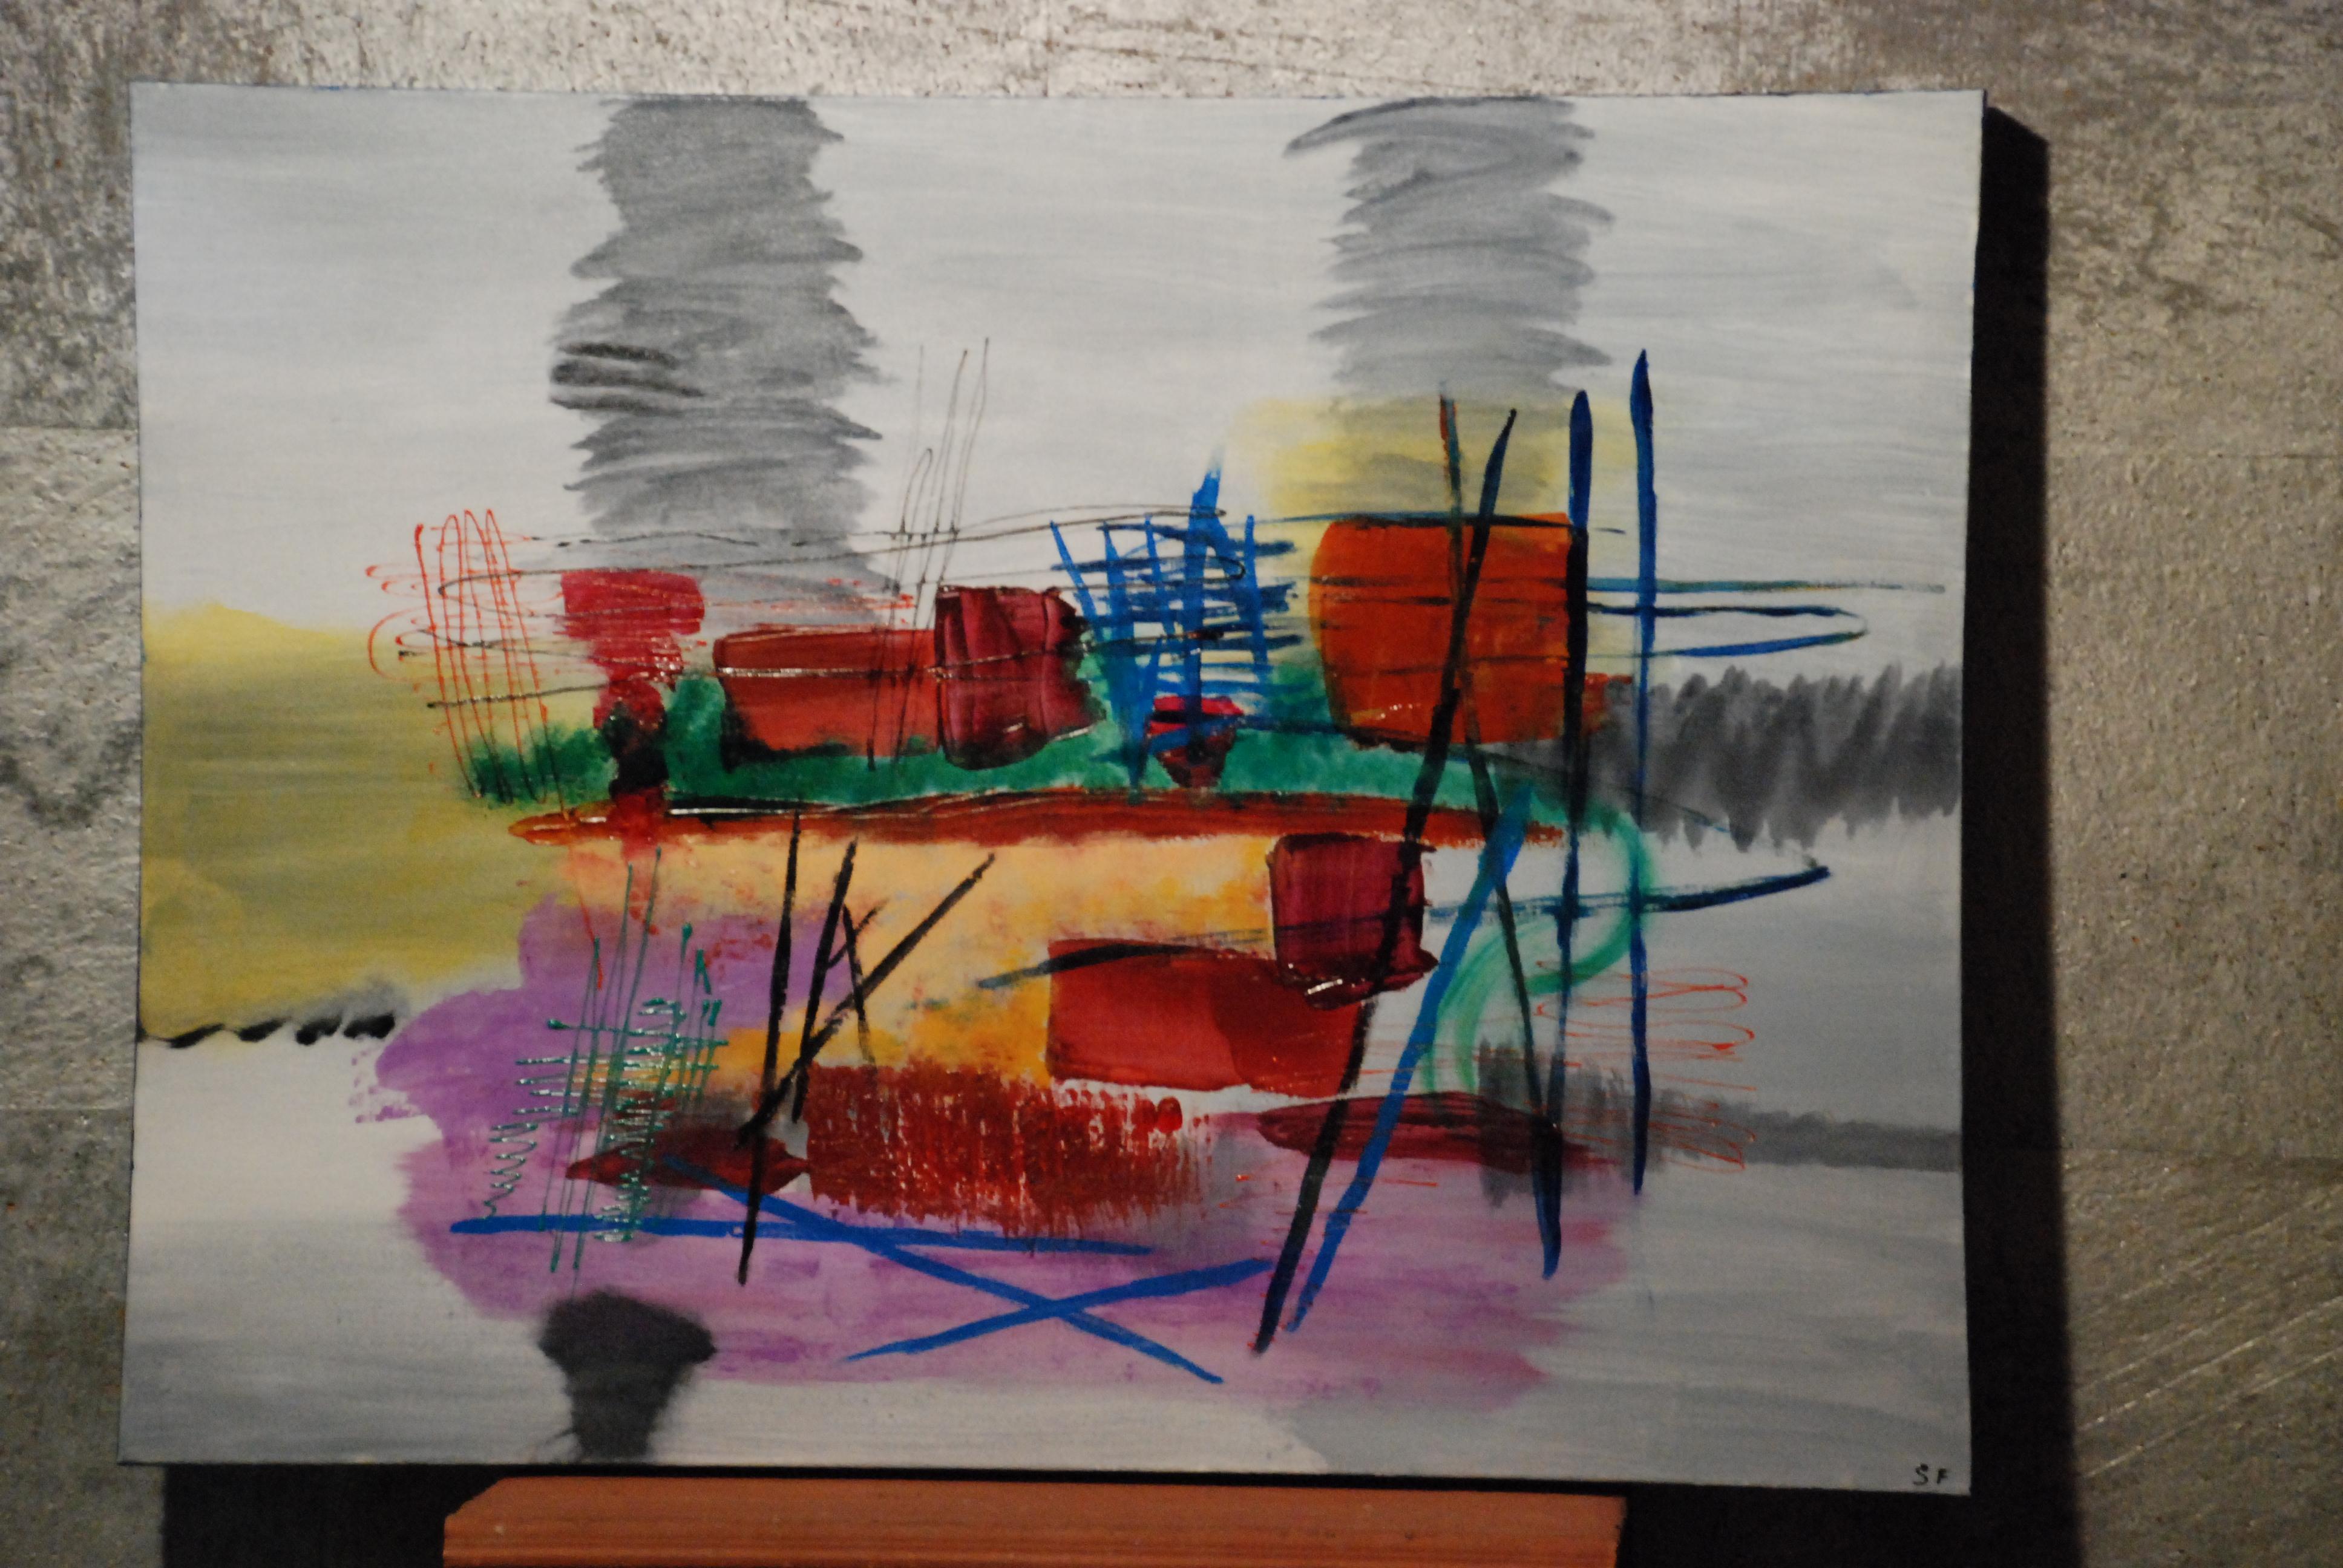 Les autres tableaux peintures modernes de sophie for Images tableaux modernes